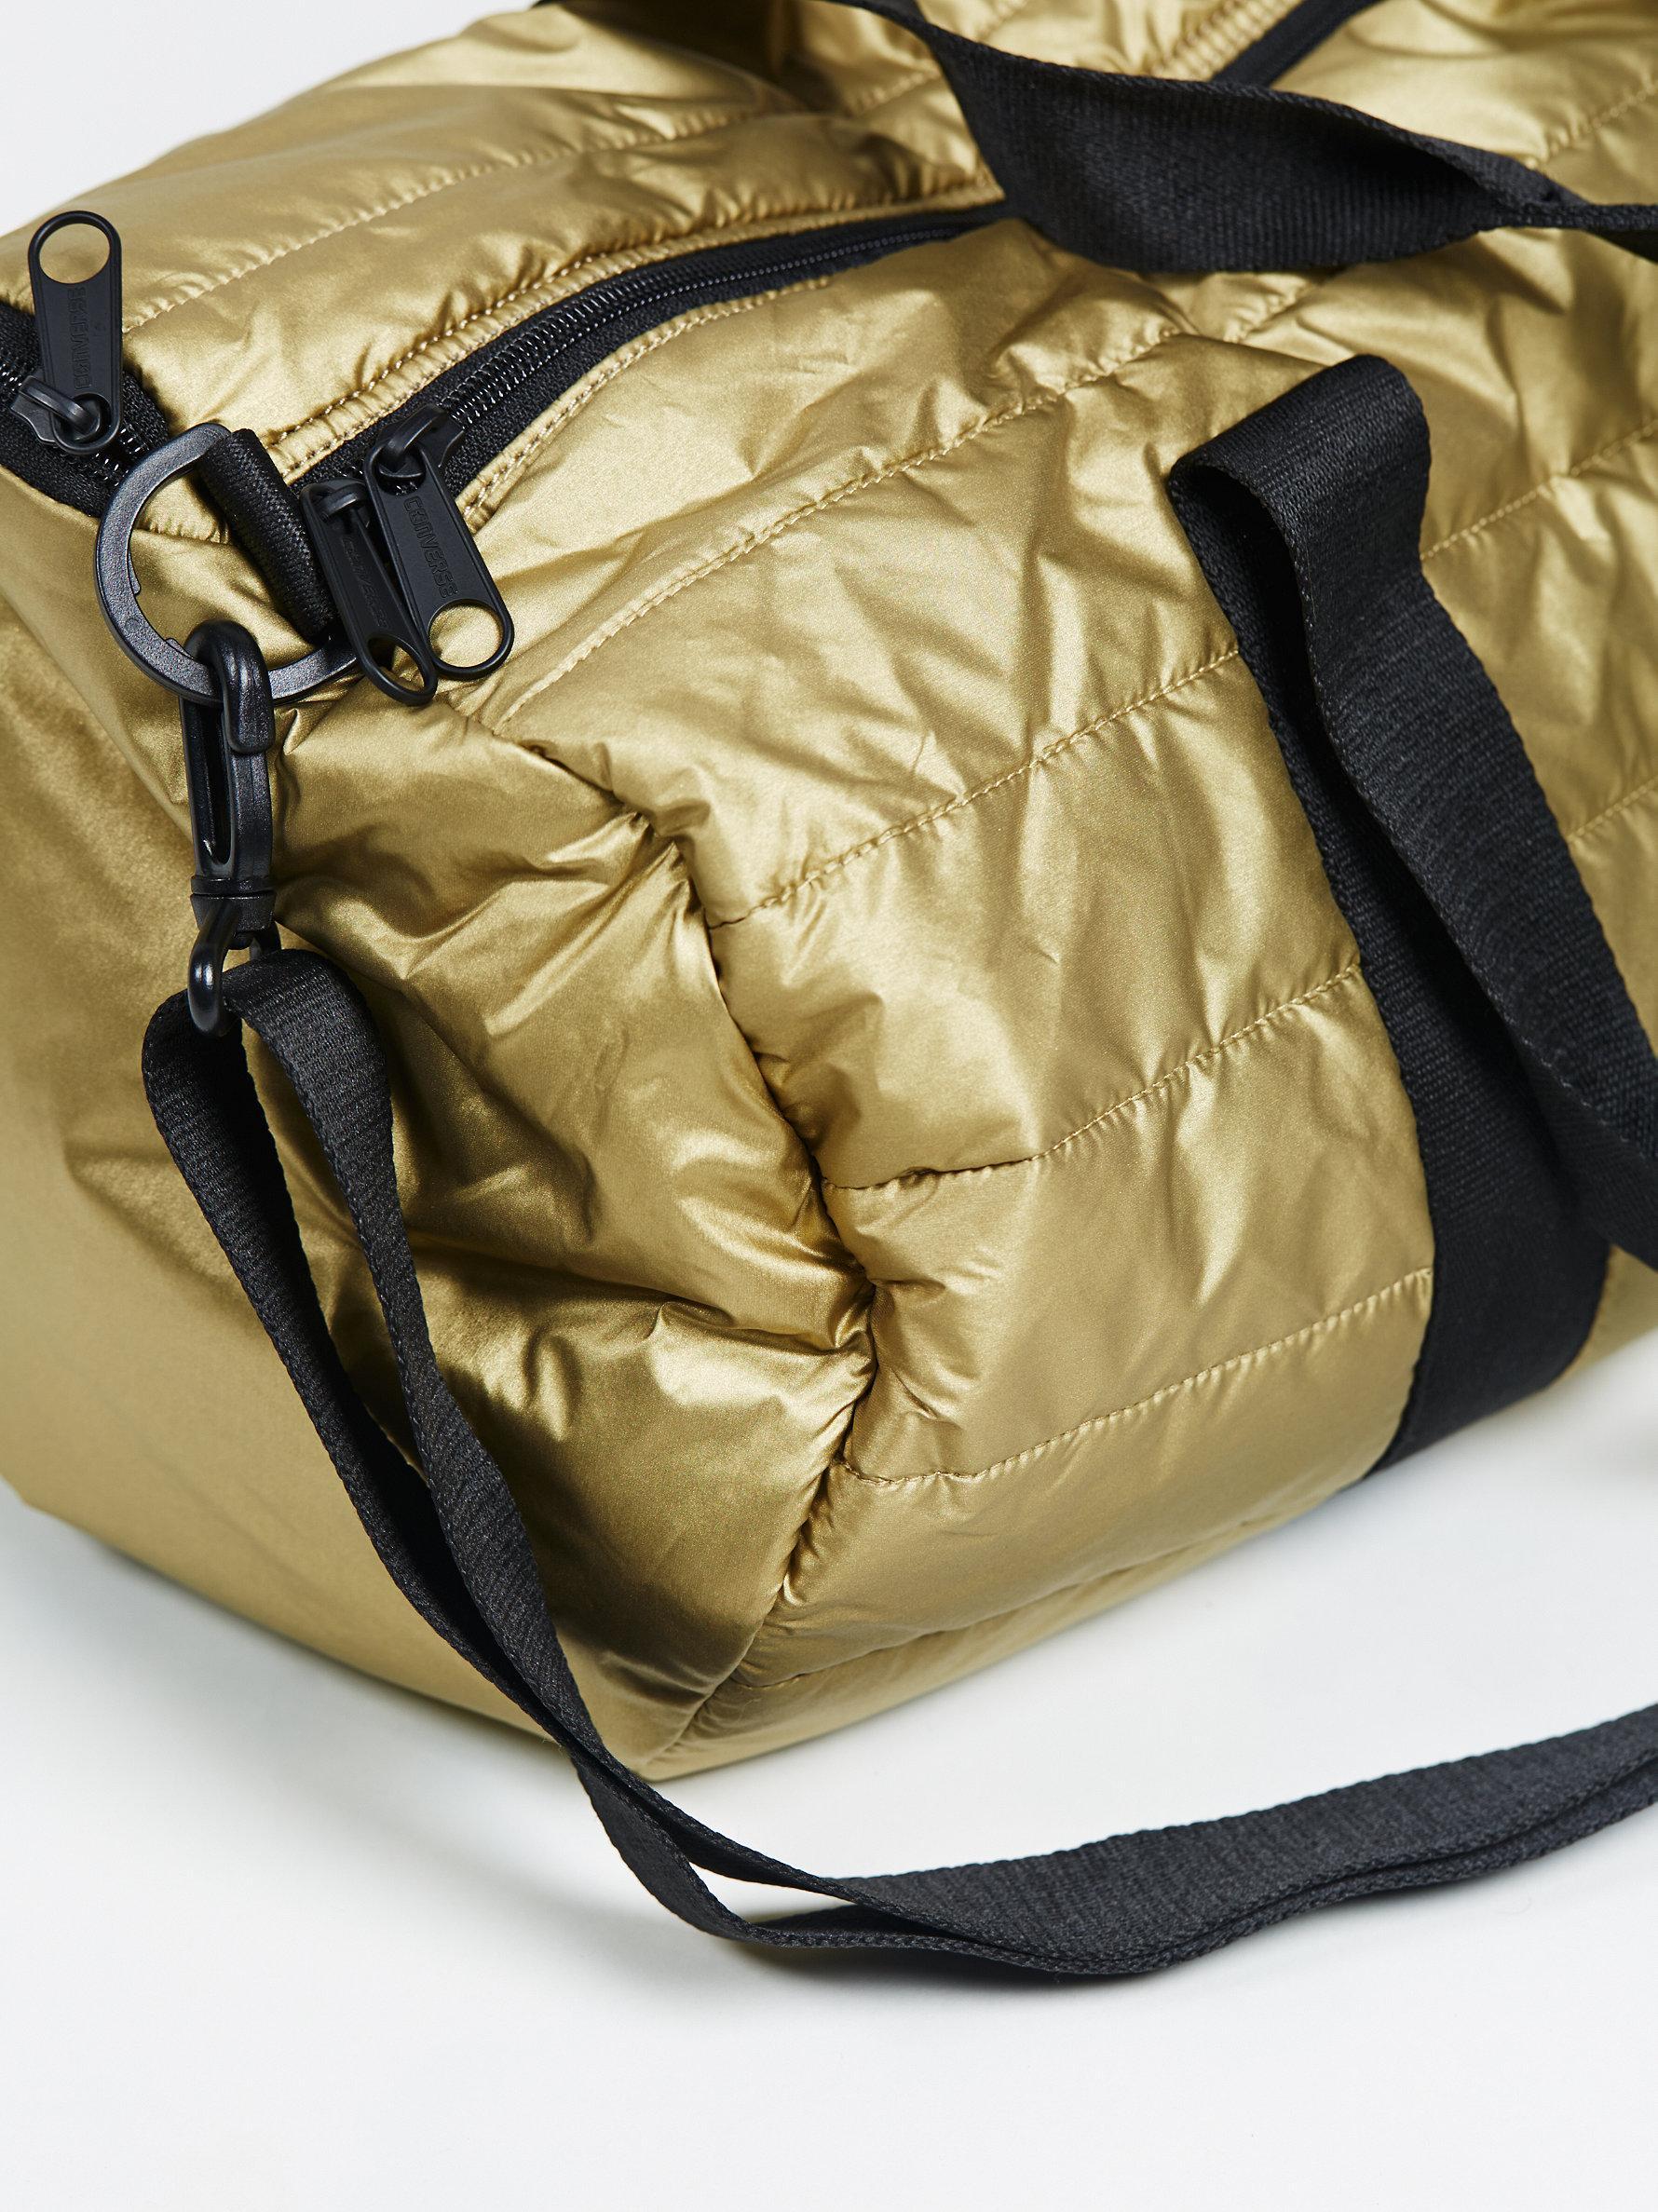 954843faff Lyst - Free People Converse Packable Duffel in Metallic